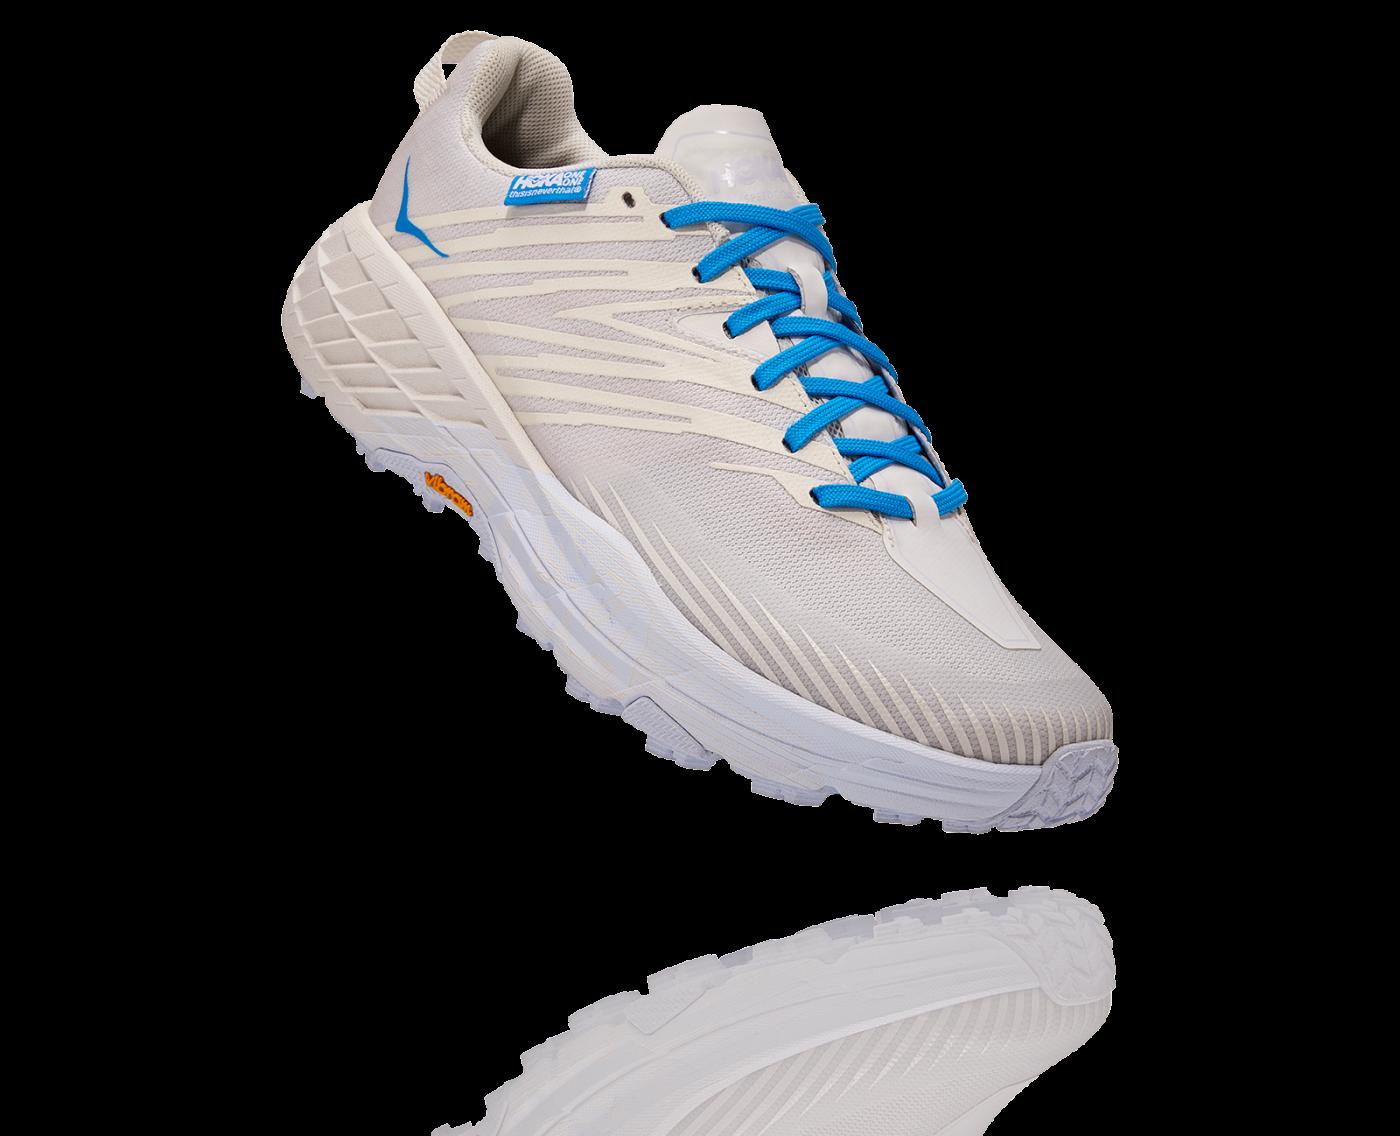 hoka-thisisneverthat-speedhoat-4-trail-running-runpack